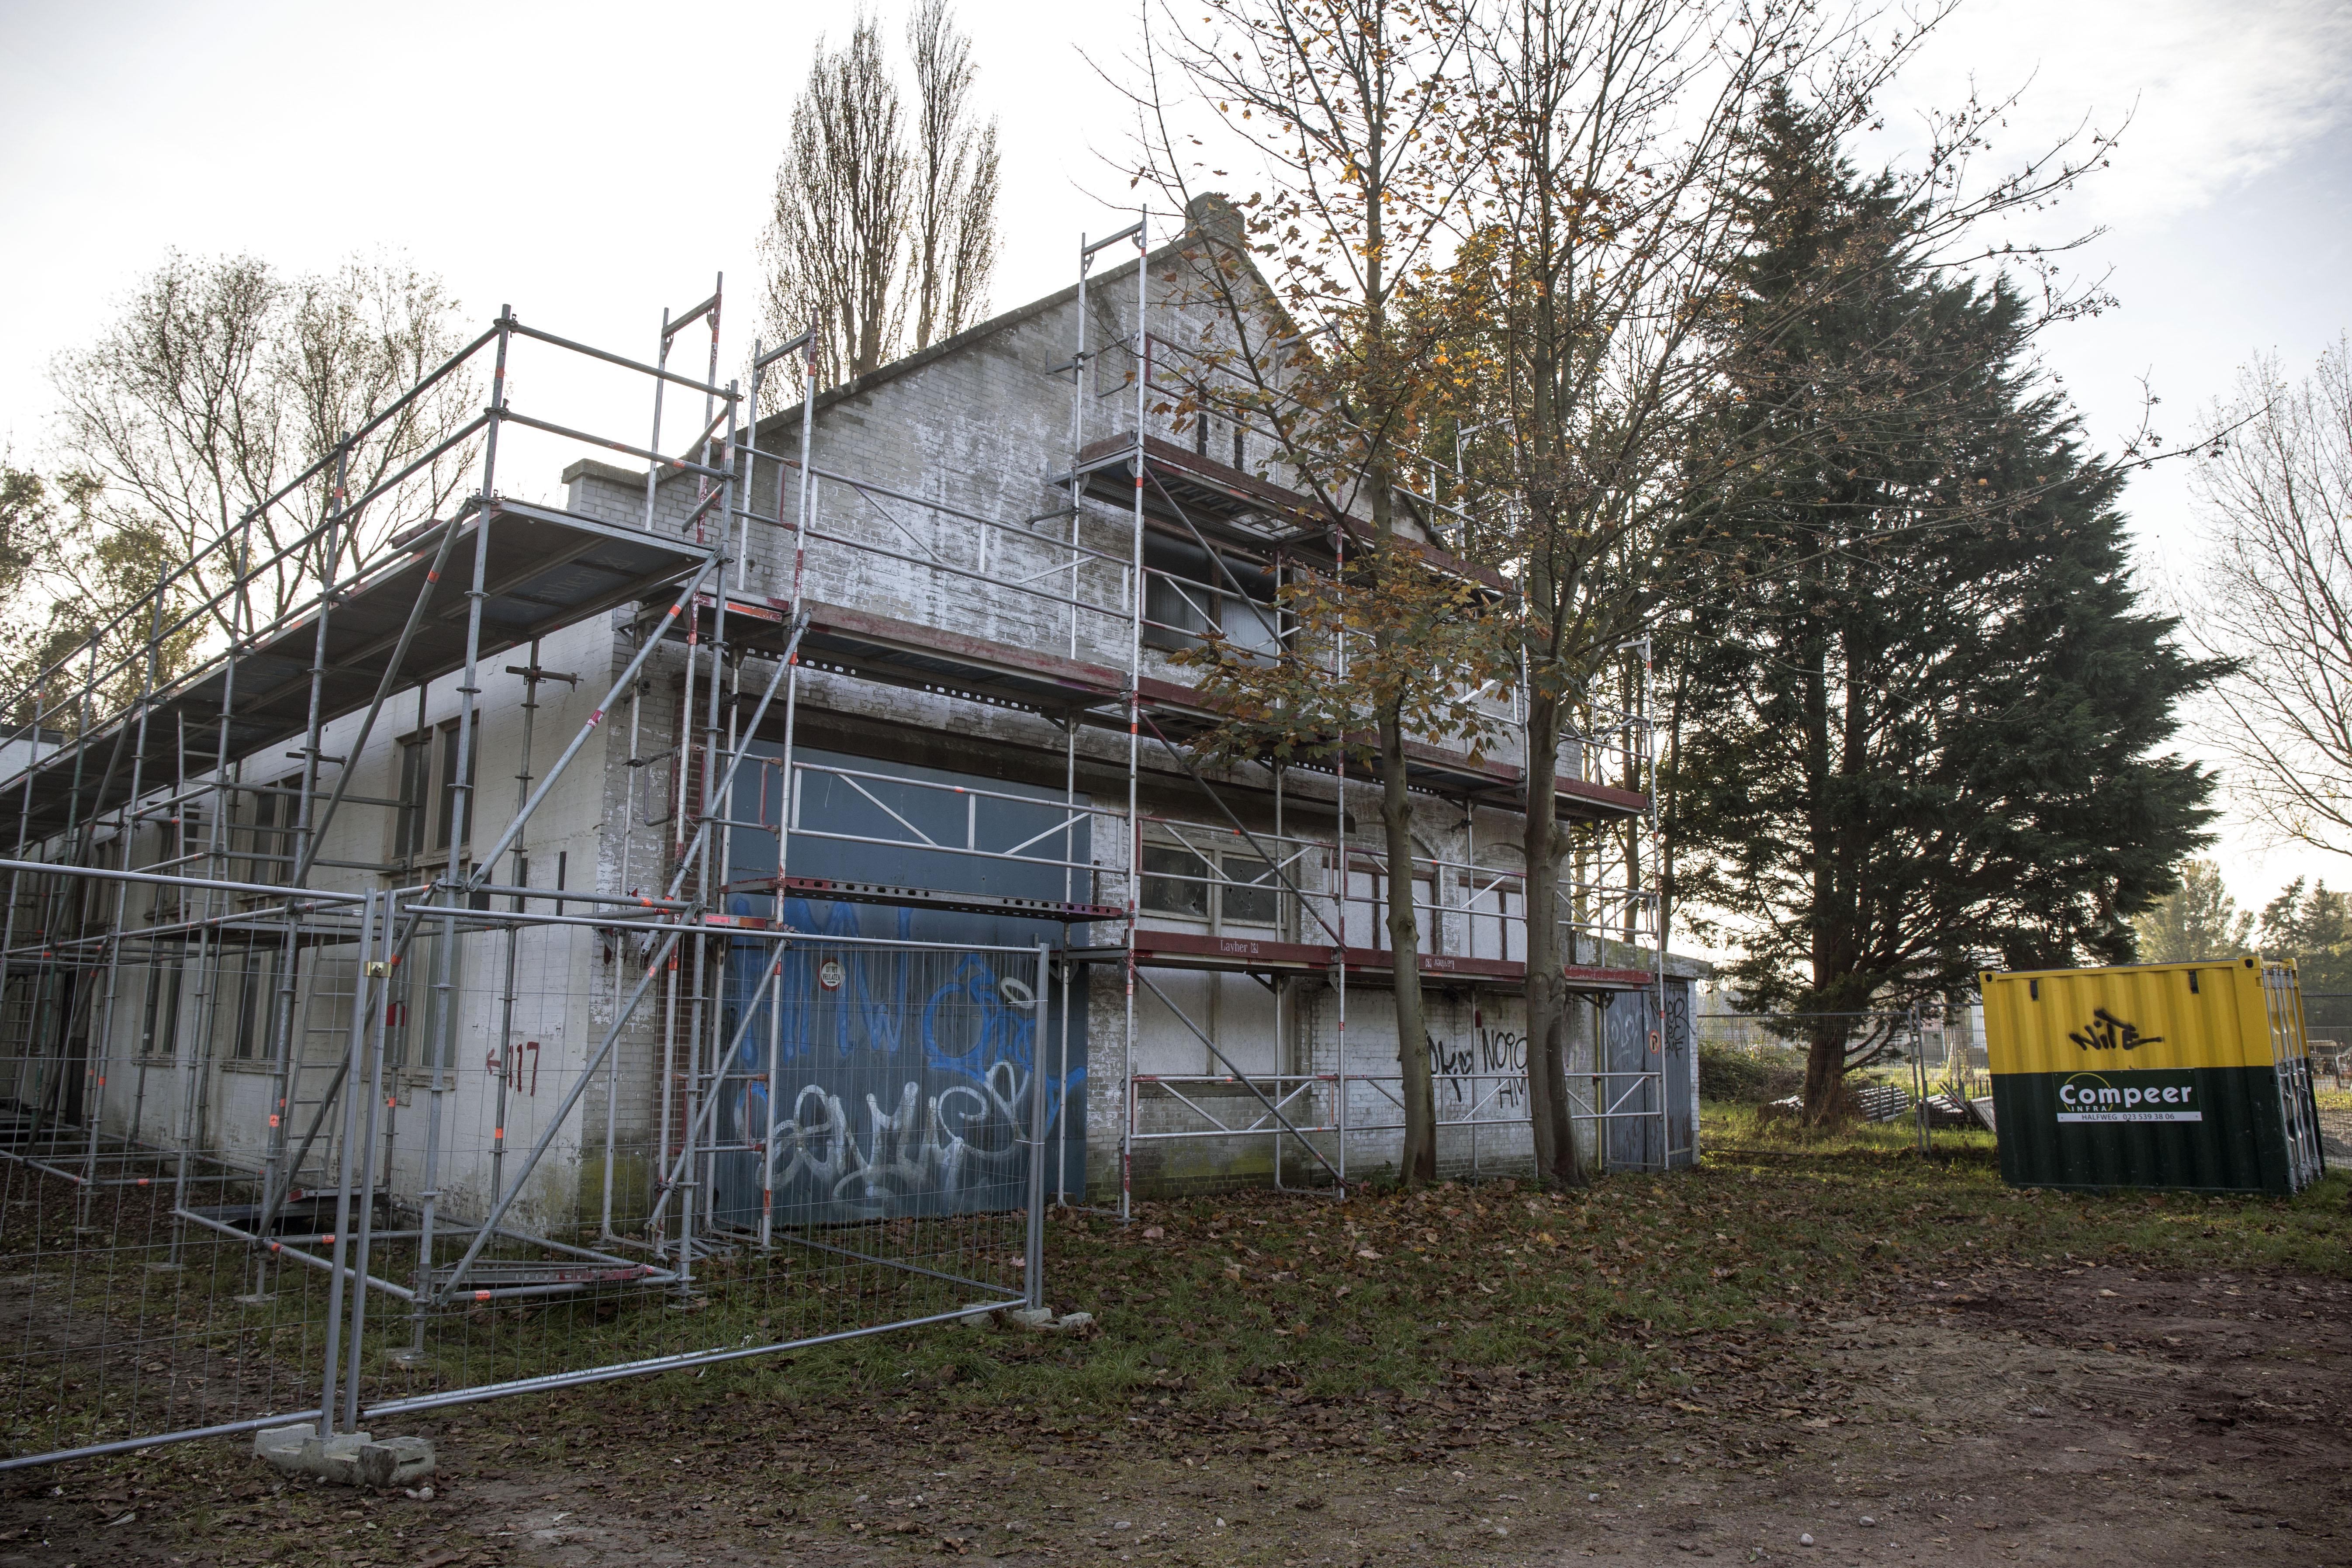 Massale belangstelling voor oude Watermeterfabriek langs het Spaarne in Haarlem. 'Geliefde plek en lage verkoopprijs'